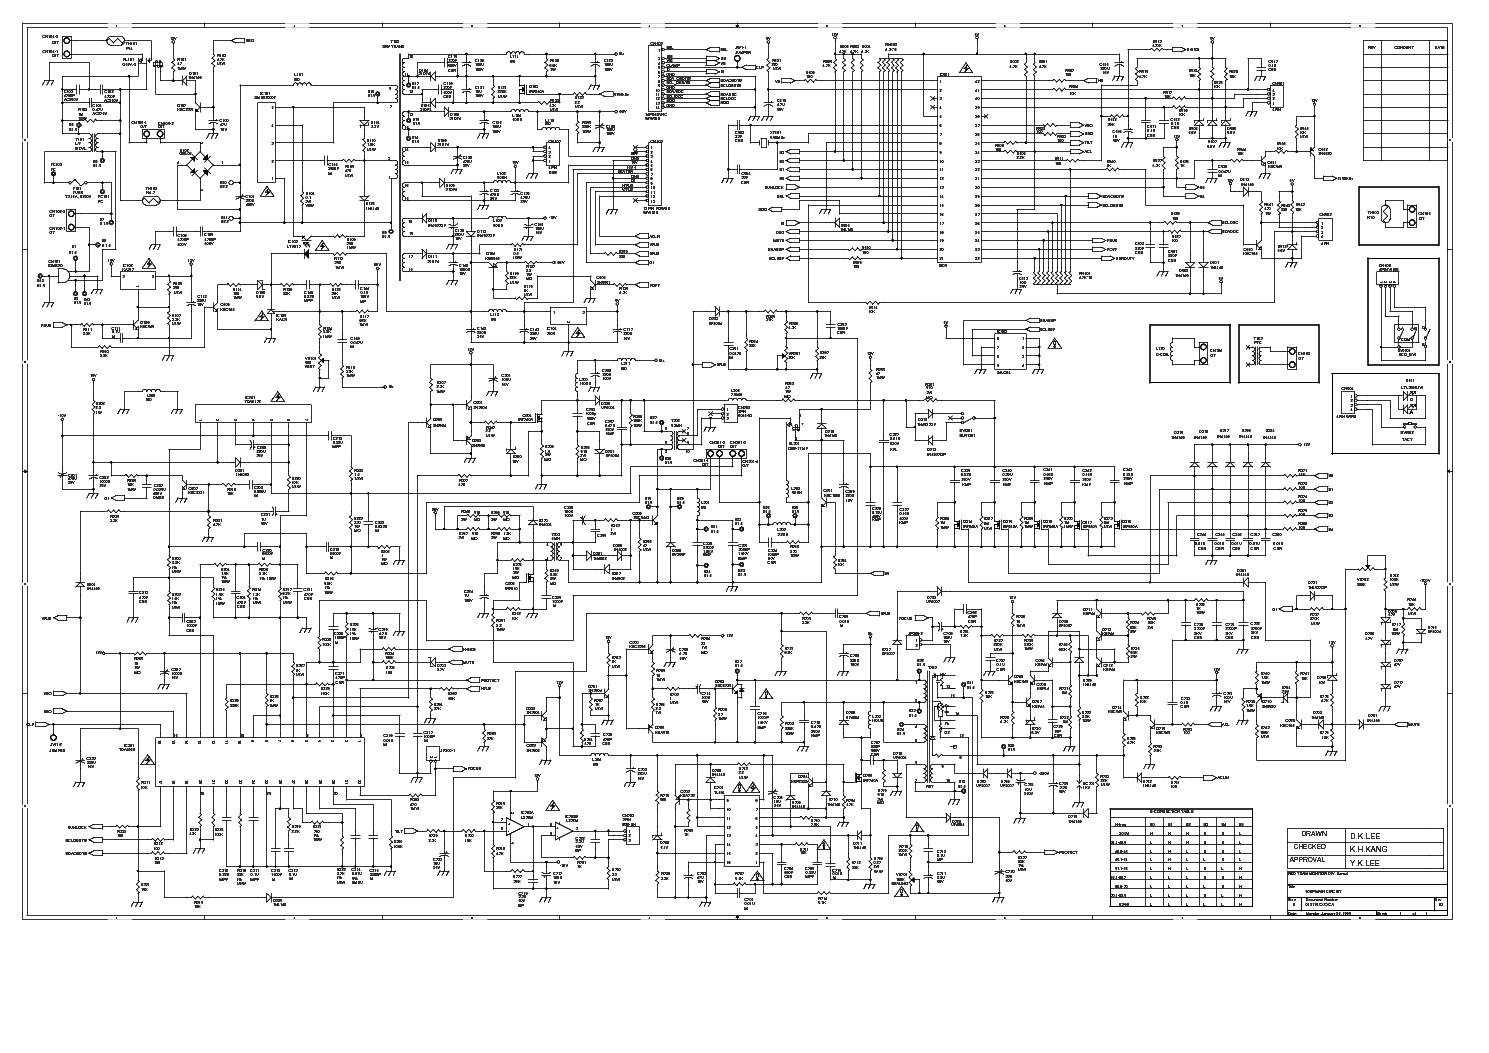 HANSOL MAZELLAN 900P MODEL B19AL service manual (1st page)